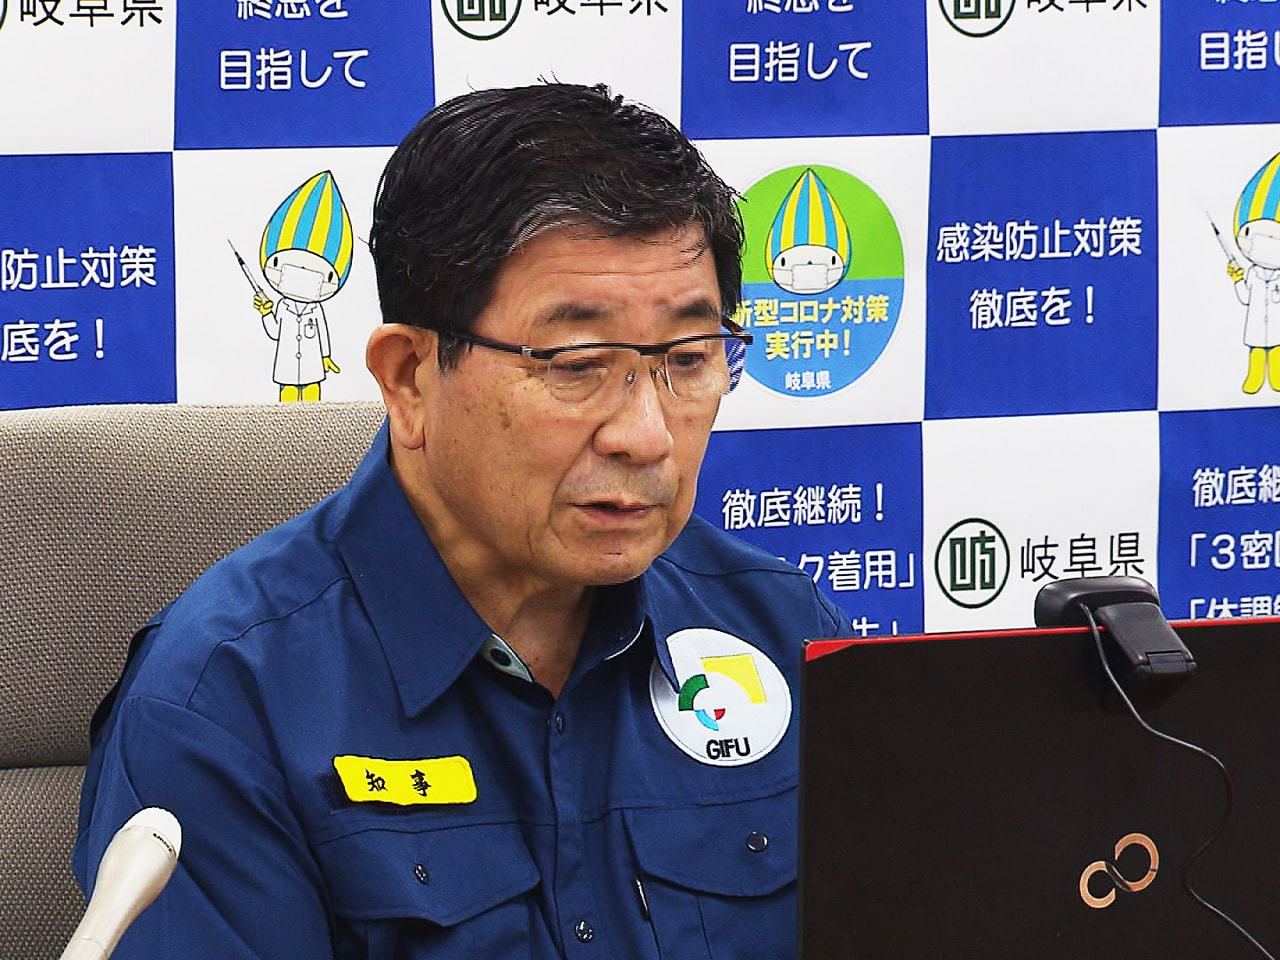 全国知事会議が19日、オンライン形式で行われ、岐阜県の古田肇知事は新型コロナウイ...